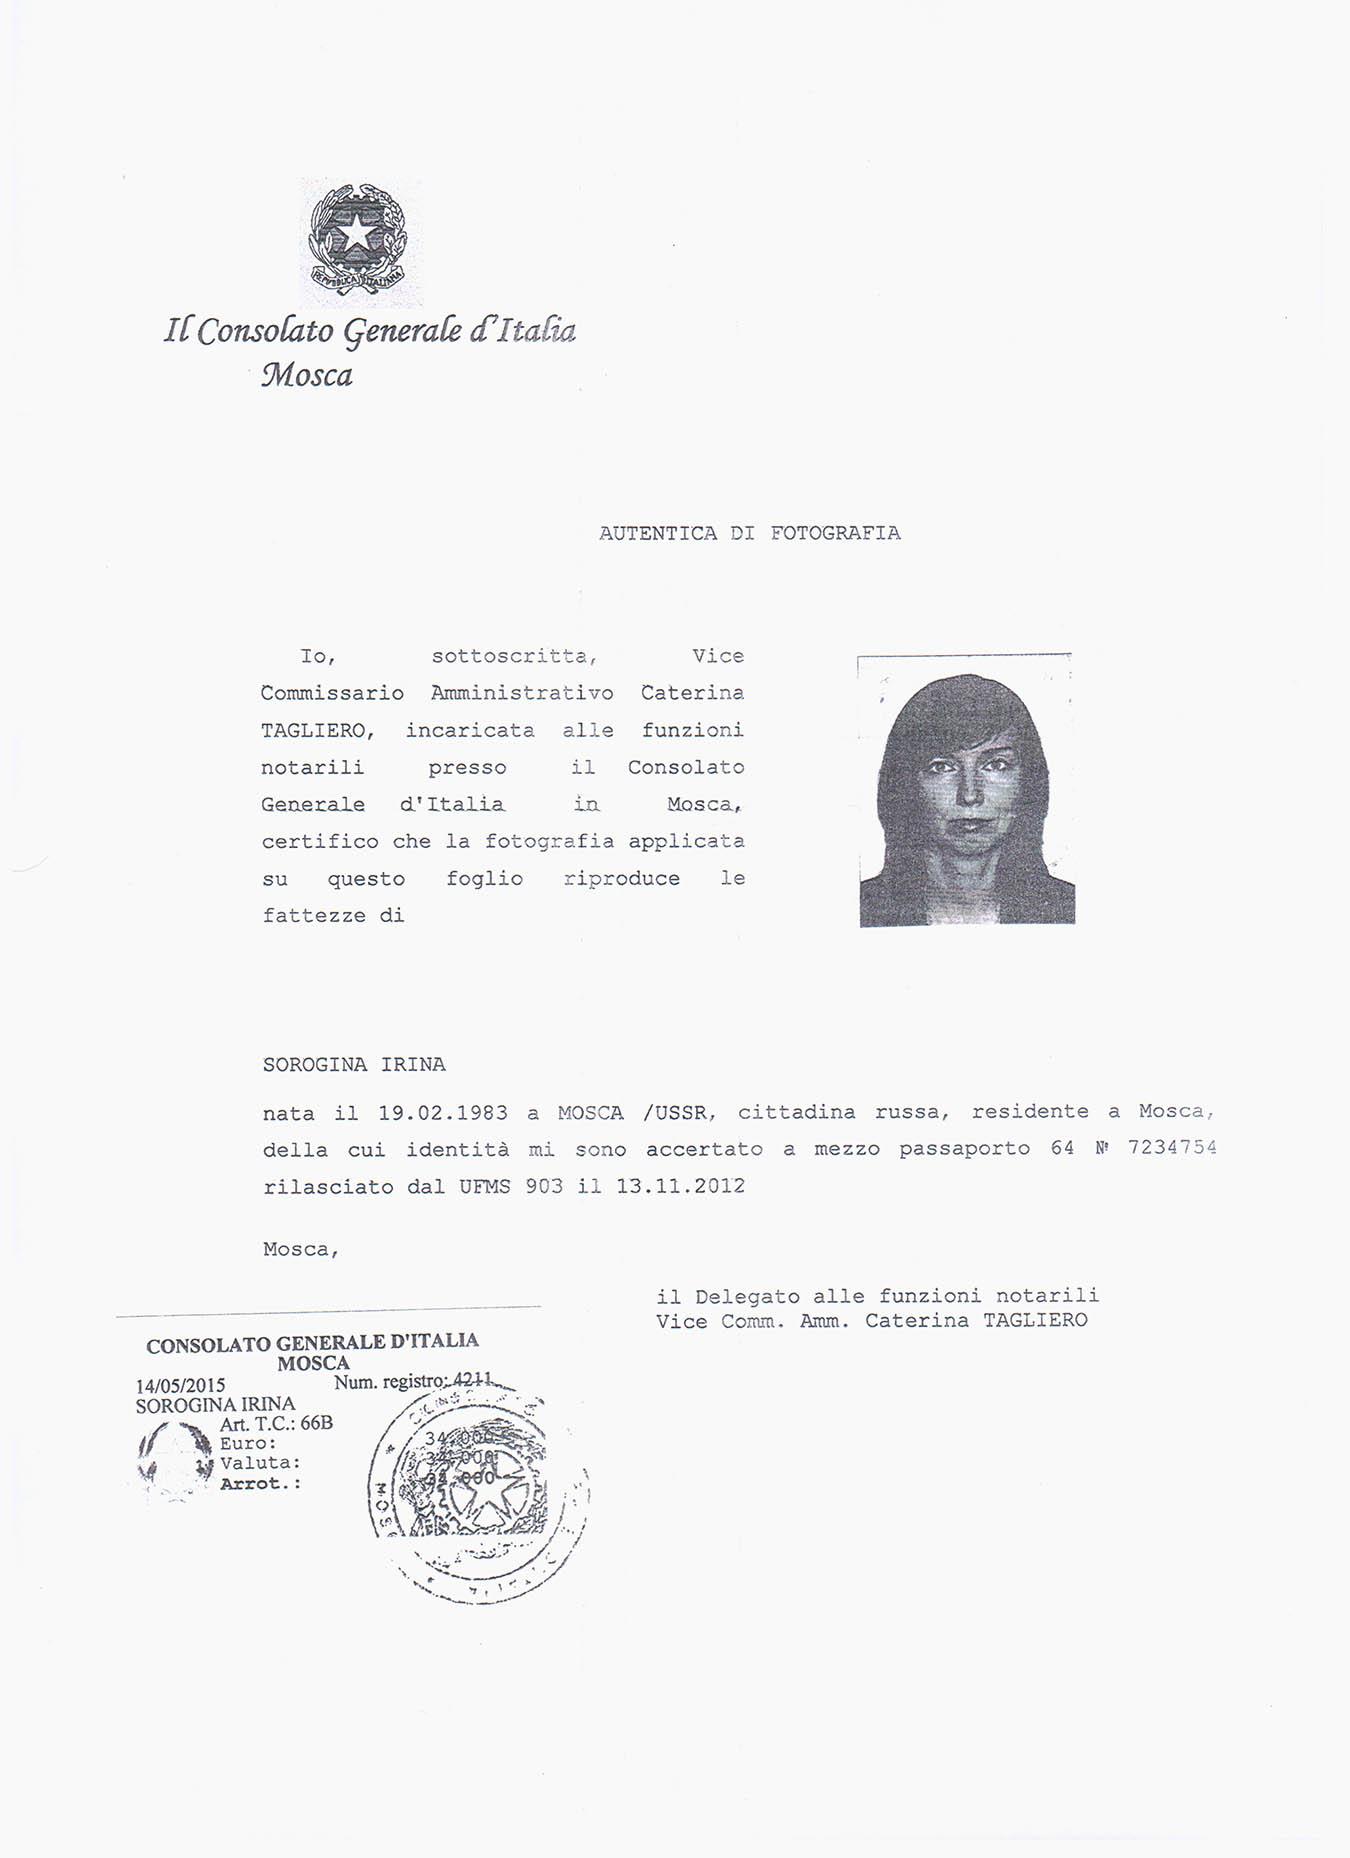 Моя фотография, заверенная в итальянском консульстве